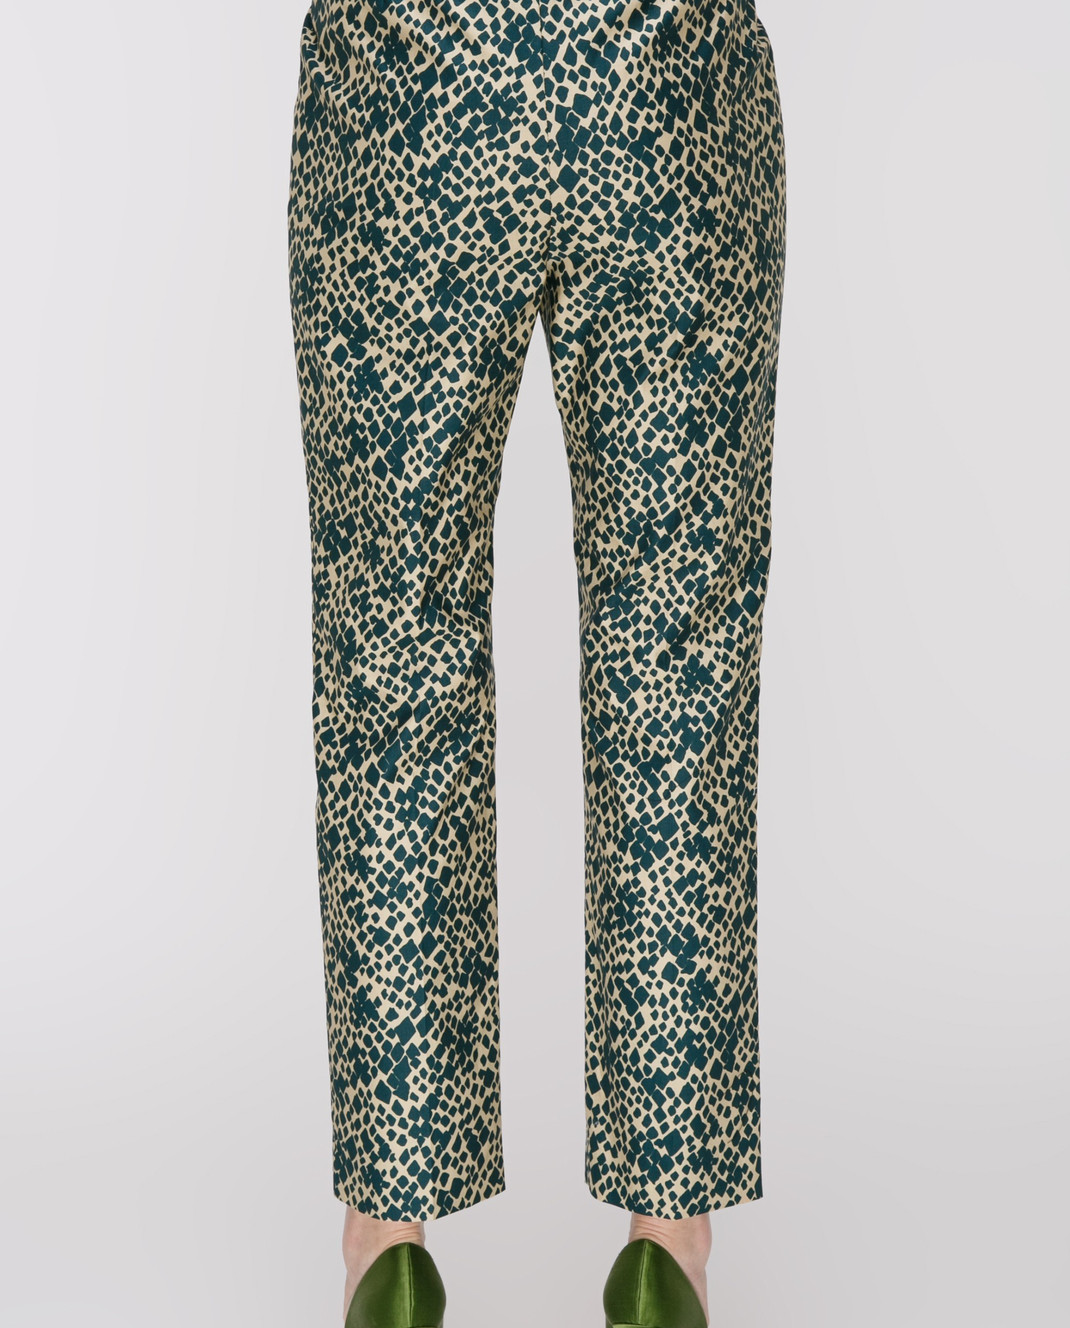 Sonia Rykiel Зеленые брюки 17331338 изображение 4